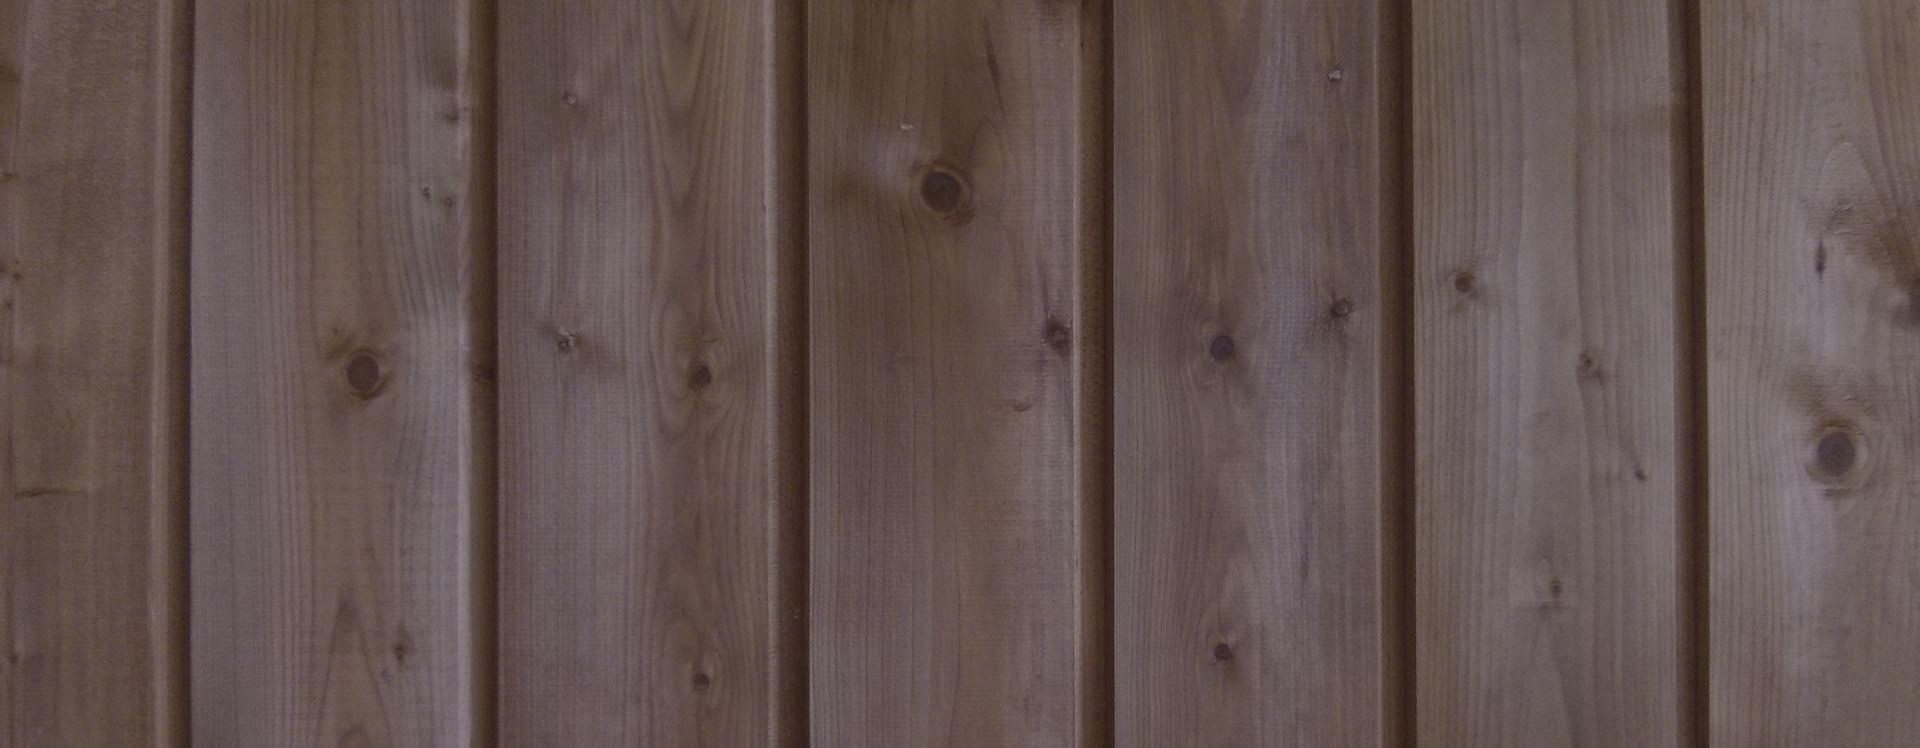 Maison Ossature Bois Suede maisons passives en bois - archi & bois, contruction en